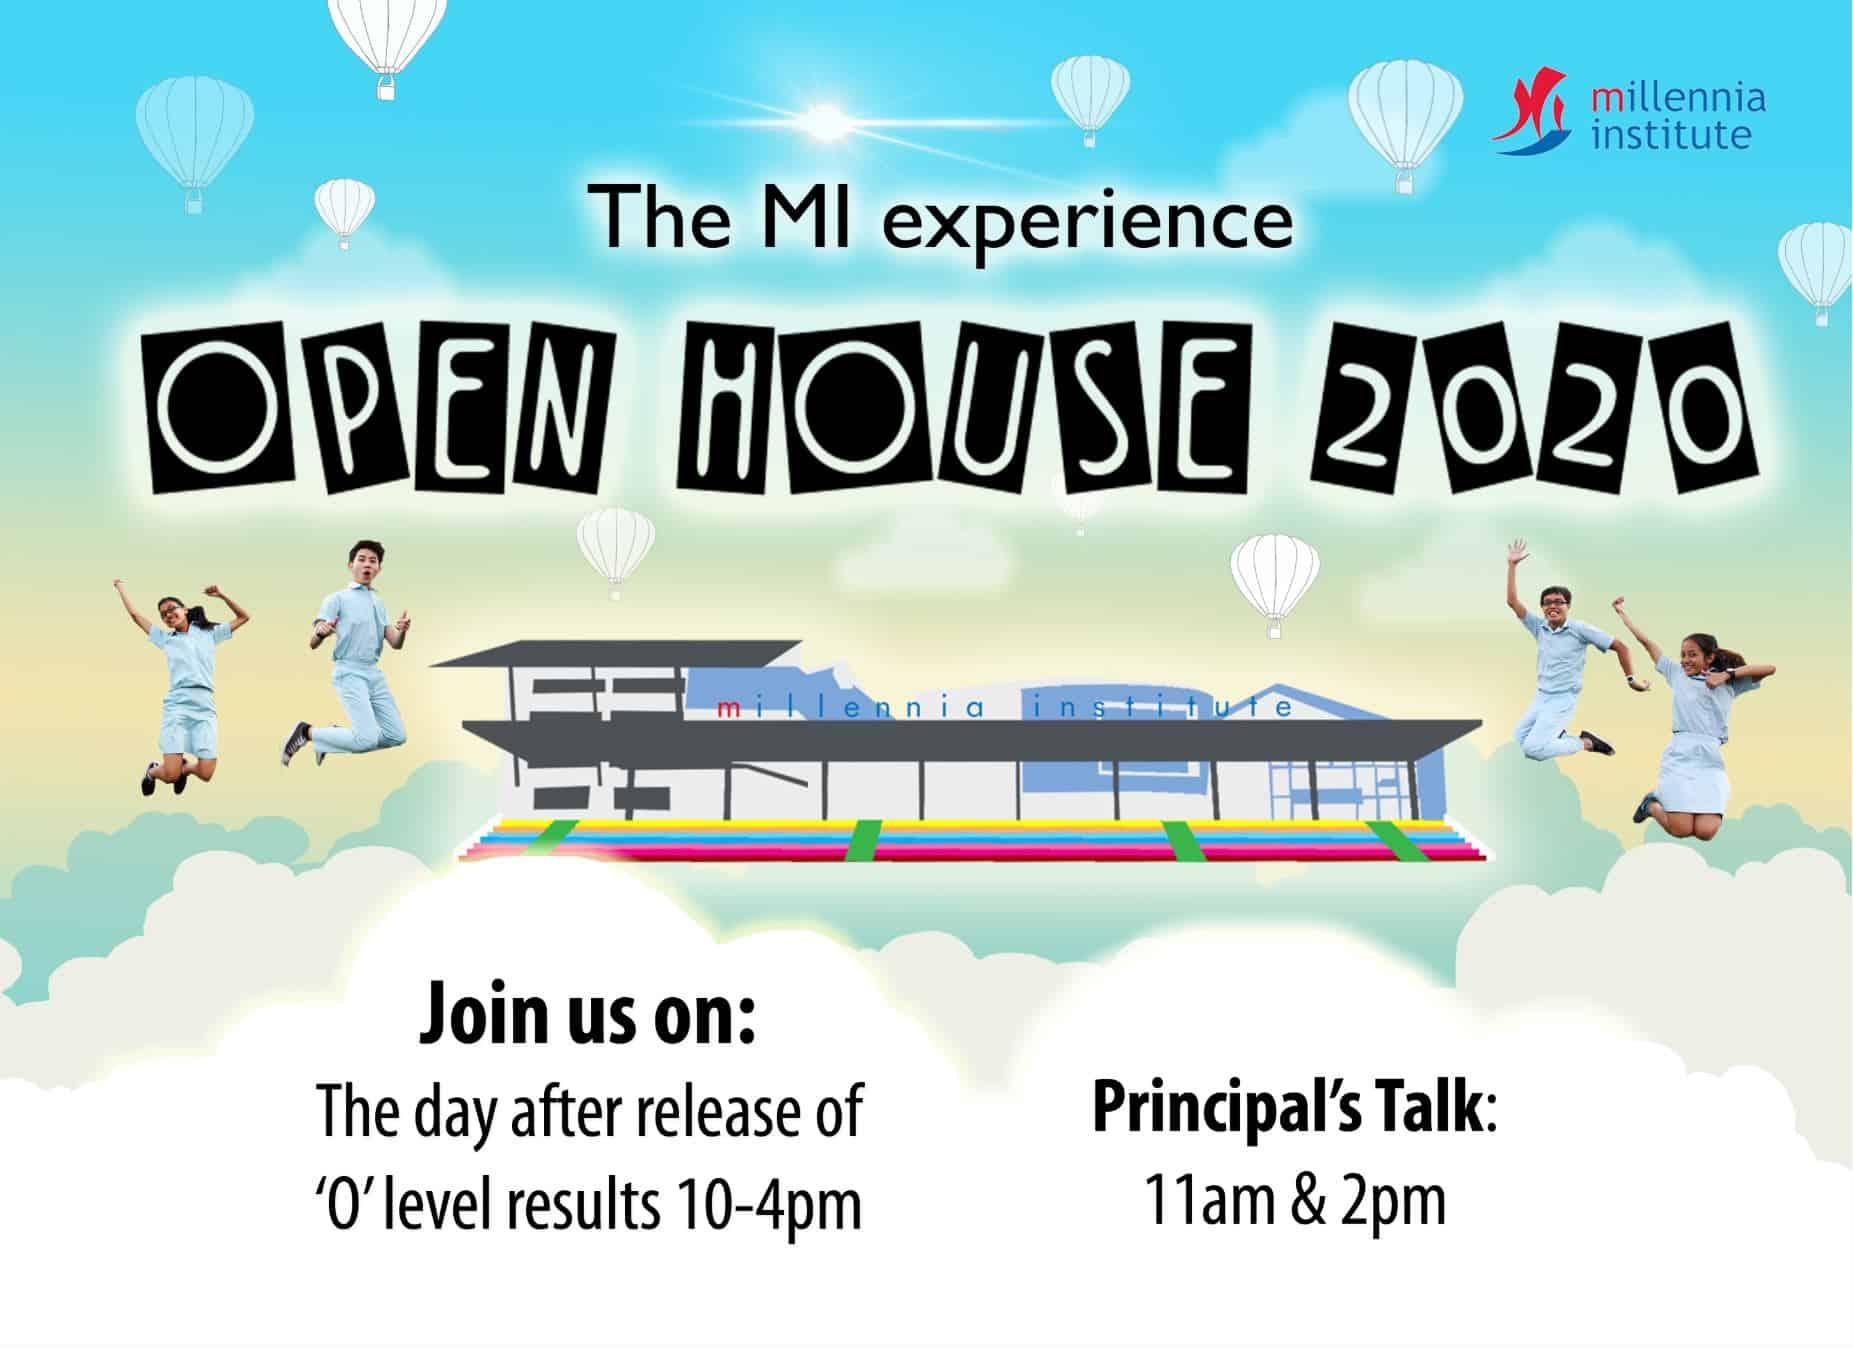 MI Open House 2020